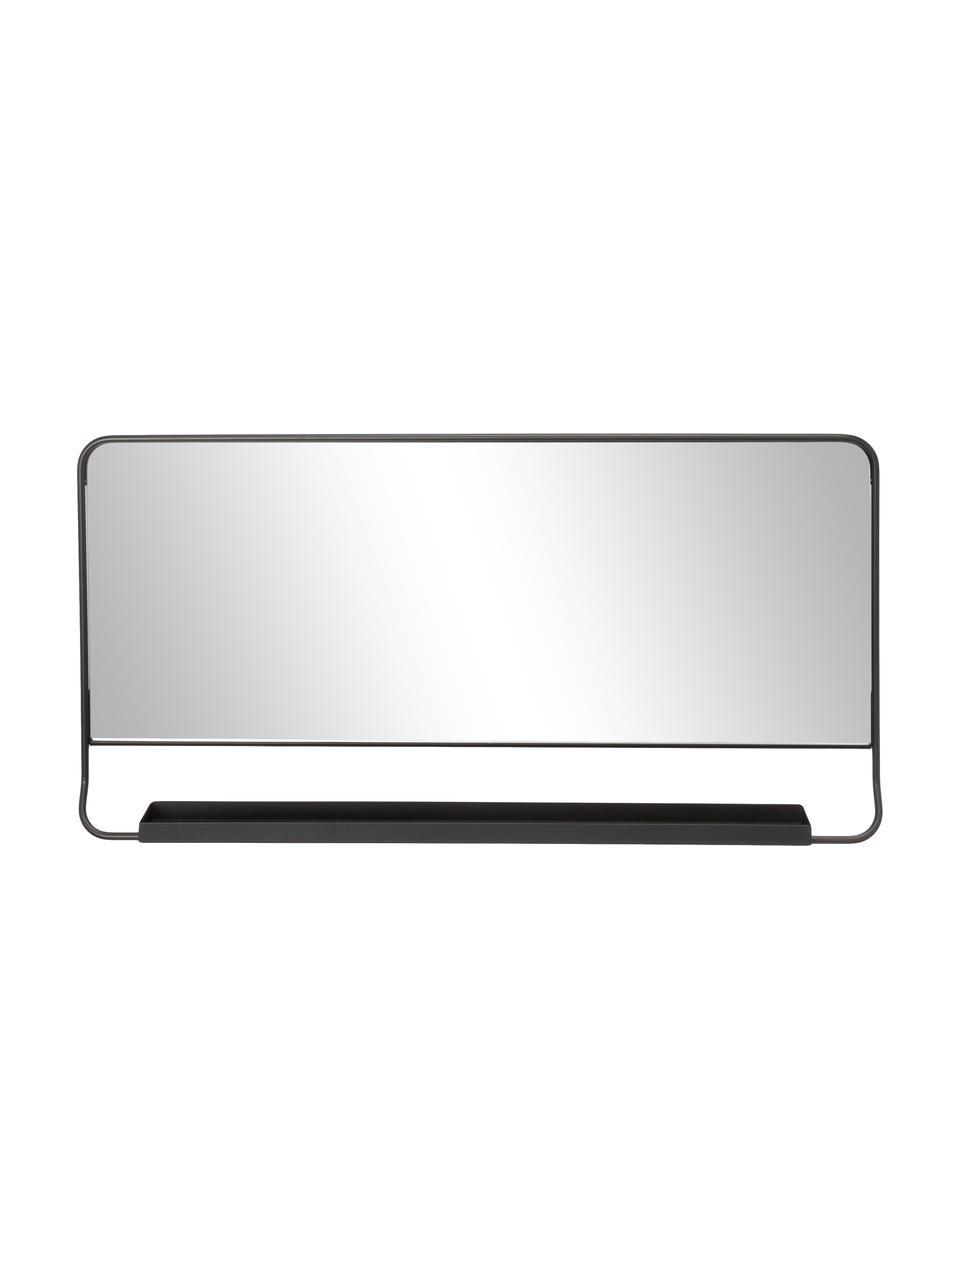 Specchio da parete con ripiano Chic, Nero, Larg. 80 x Alt. 40 cm